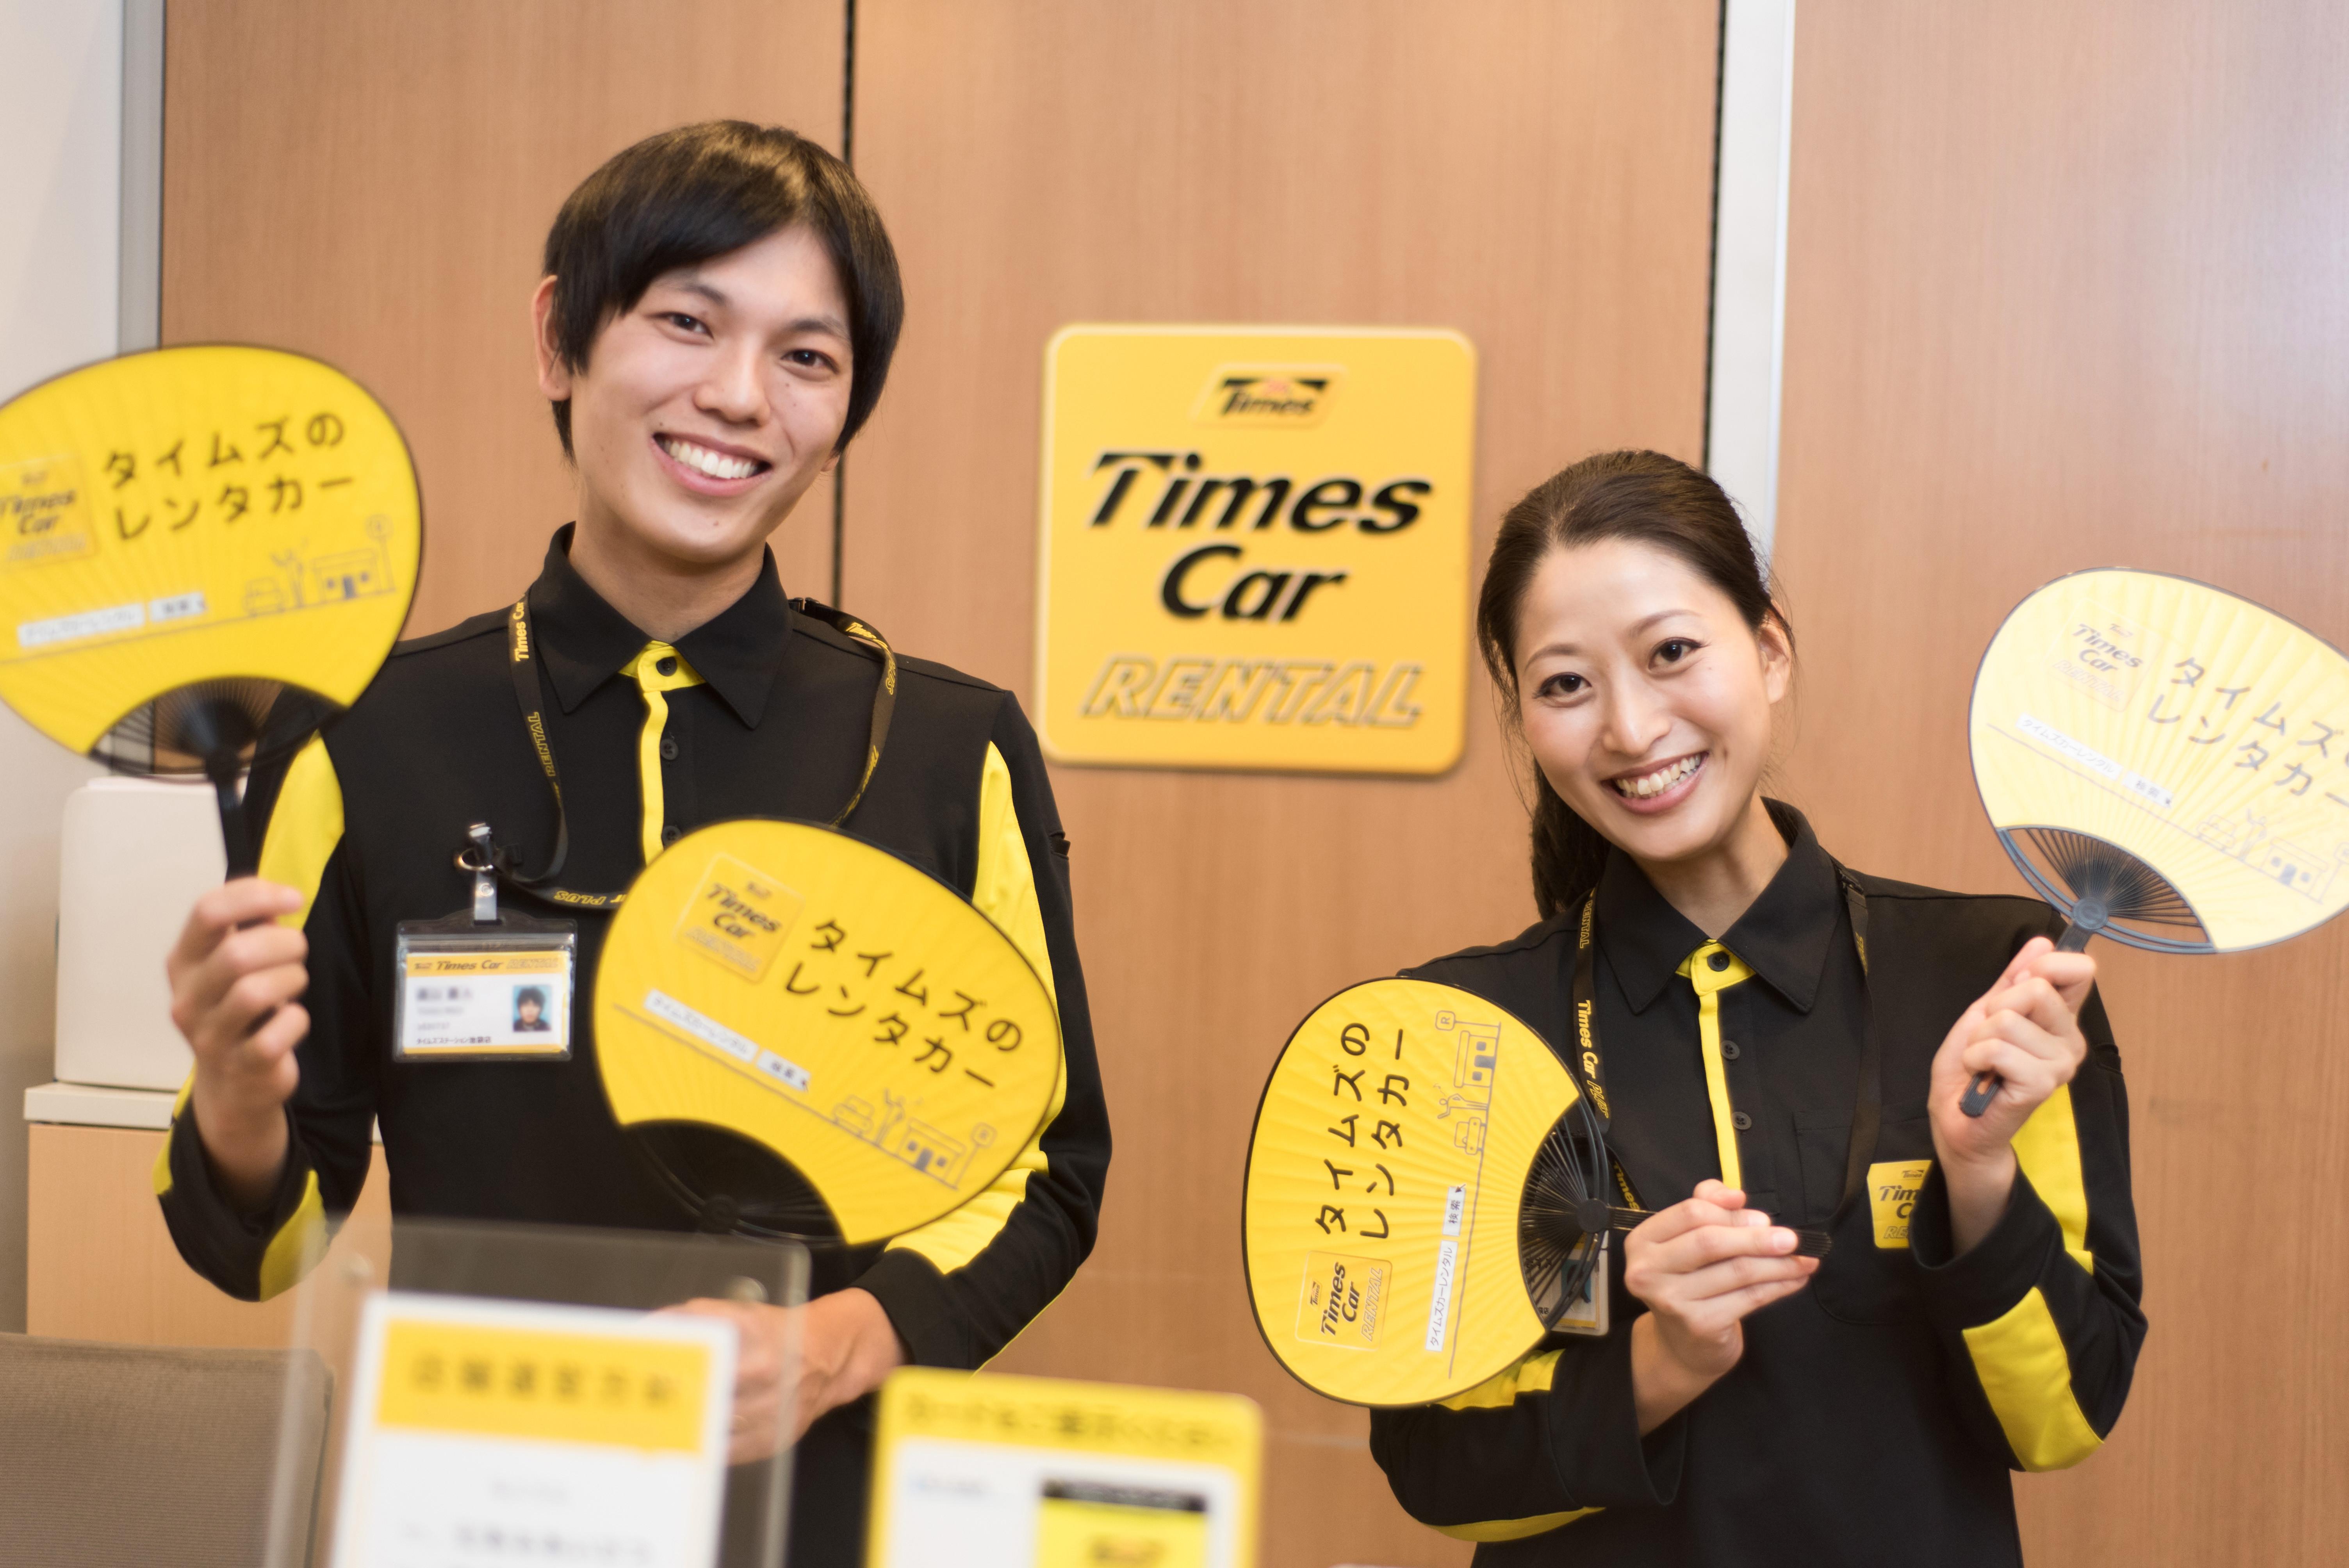 タイムズカーレンタル 広島駅南口店(BIG FRONT ひろしま) 短期スタッフのアルバイト情報